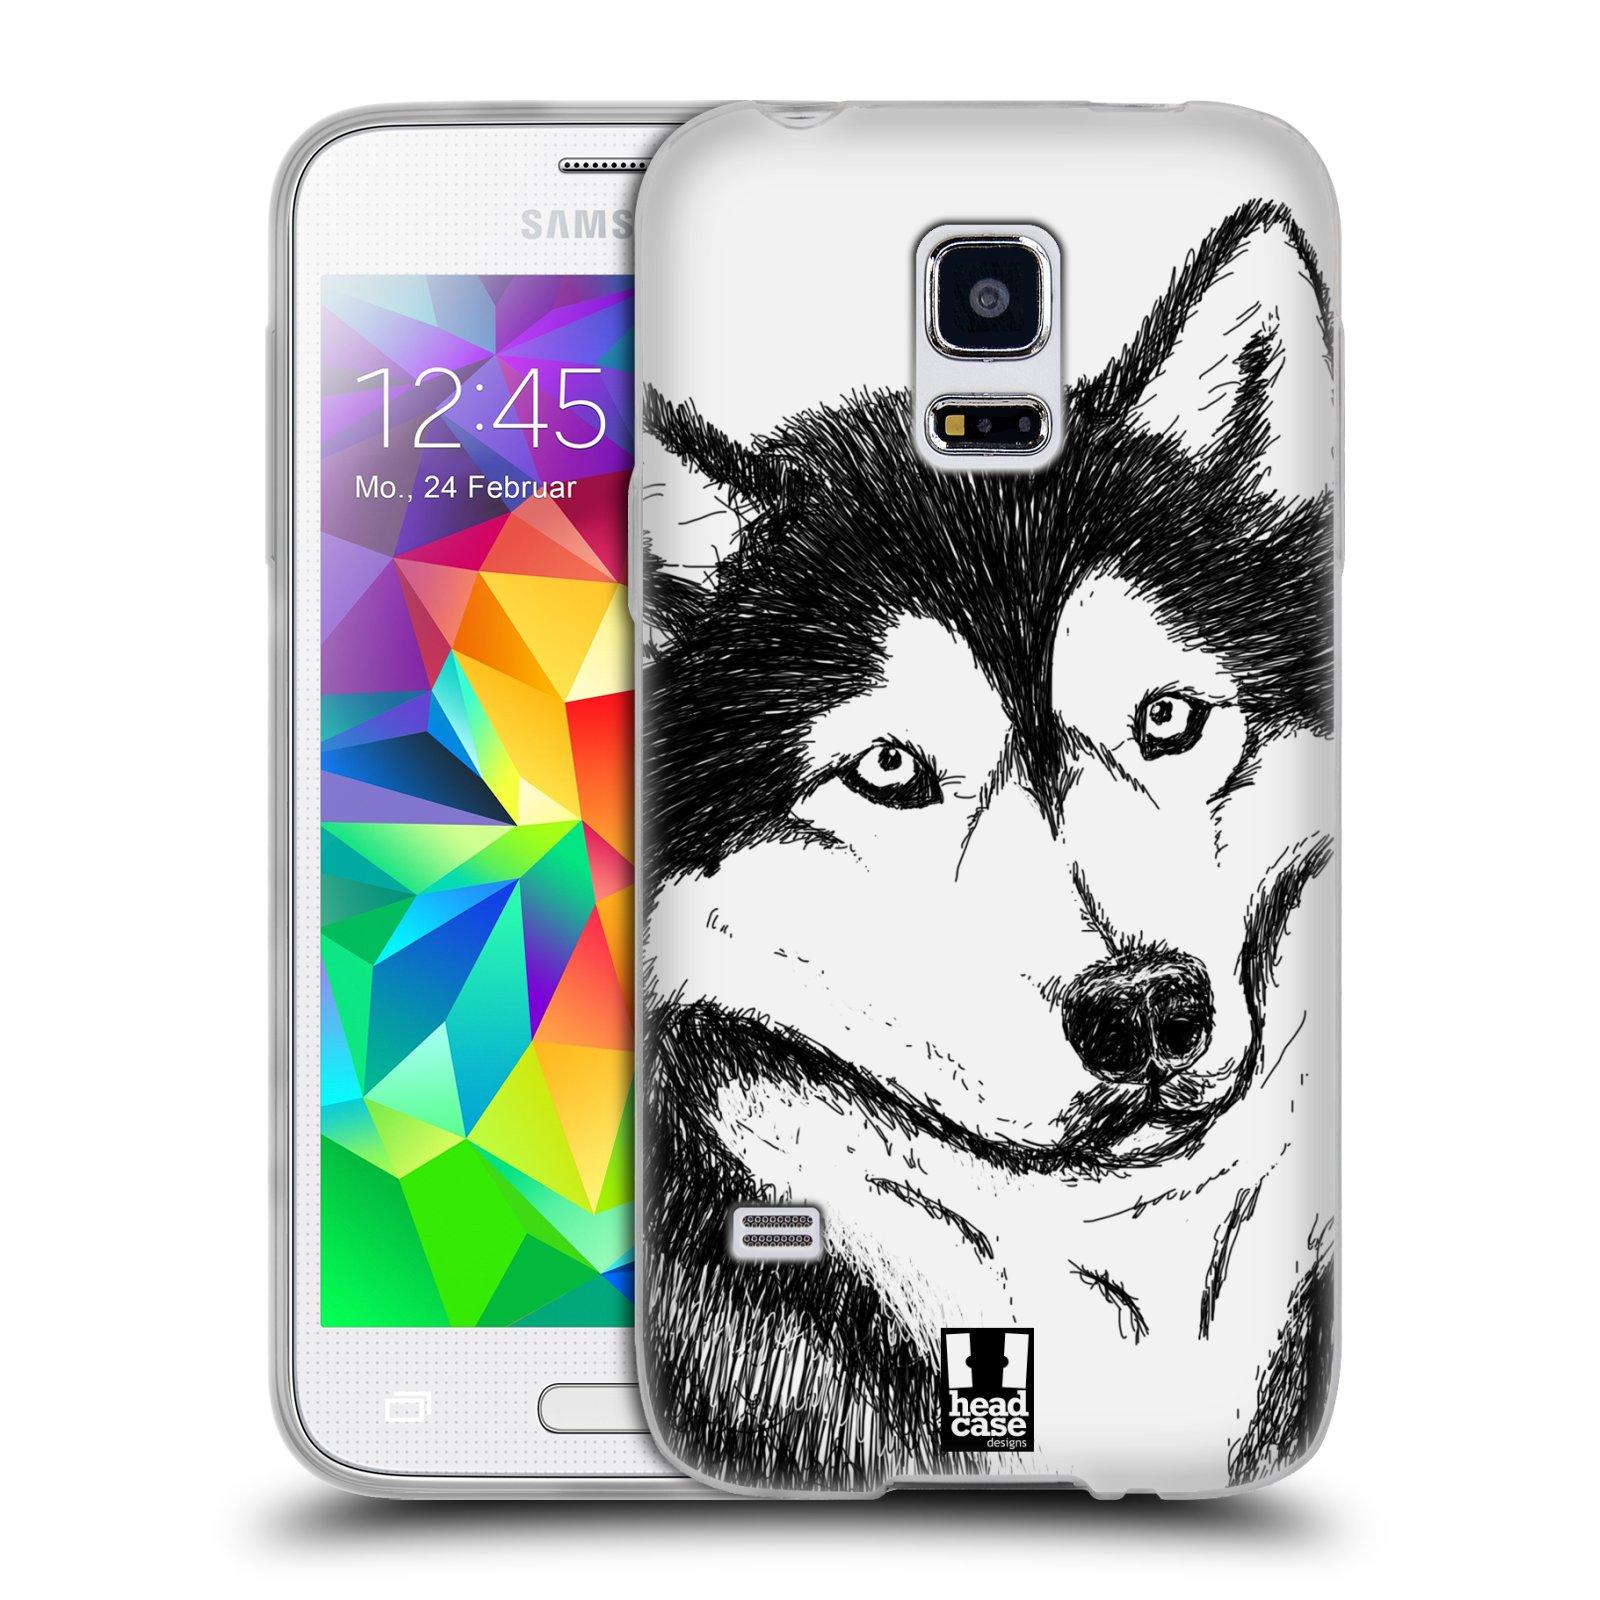 HEAD CASE silikonový obal na mobil Samsung Galaxy S5 MINI vzor Kreslená zvířátka černá a bílá pes husky